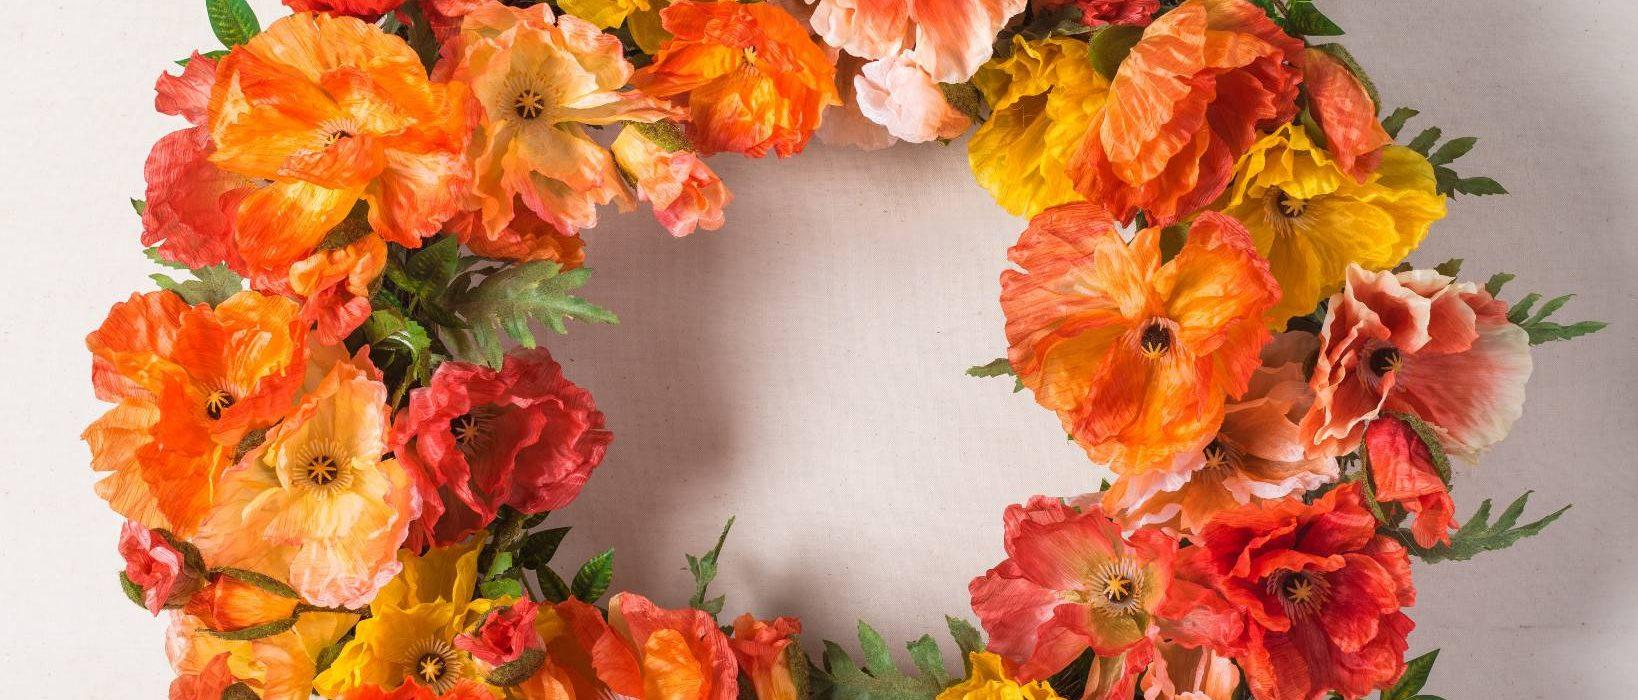 พวงหรีดกับพวงมาลาแตกต่างกันอย่างไร พวงหรีด พวงมาลา พวงหรีดดอกไม้สด ดอกไม้ พวงหรีดพัดลม ดอกไม้ พวงหรีดงานศพ ขายพวงหรีด ร้านดอกไม้ pakaflorist